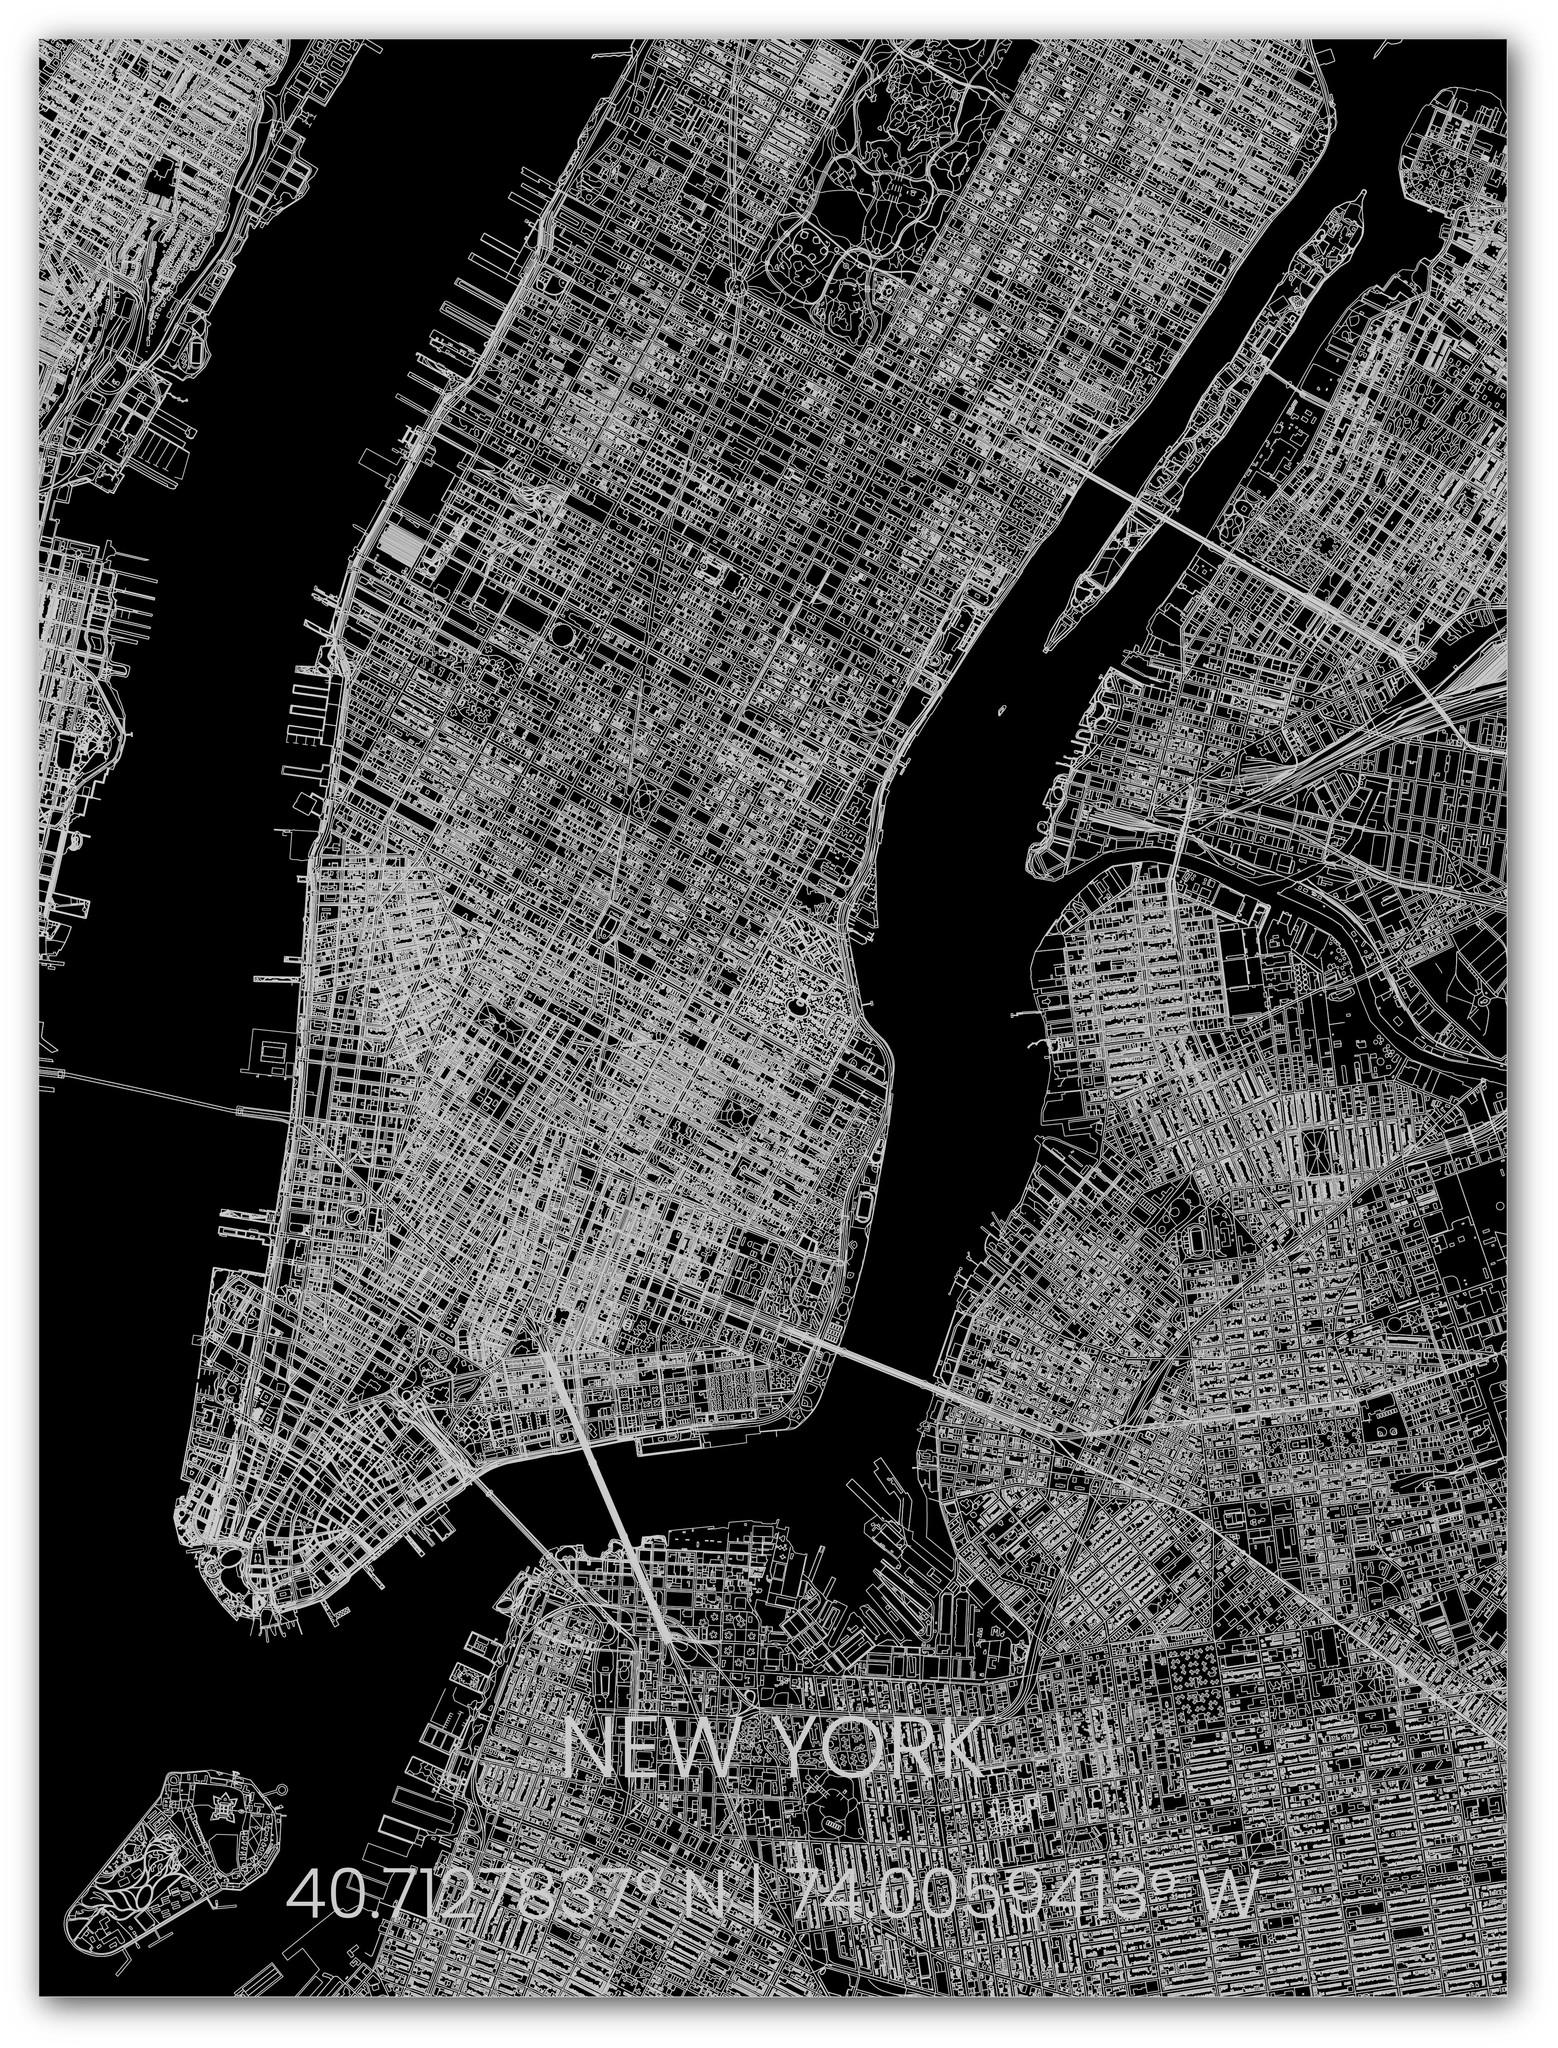 Metalen stadsplattegrond New York-1